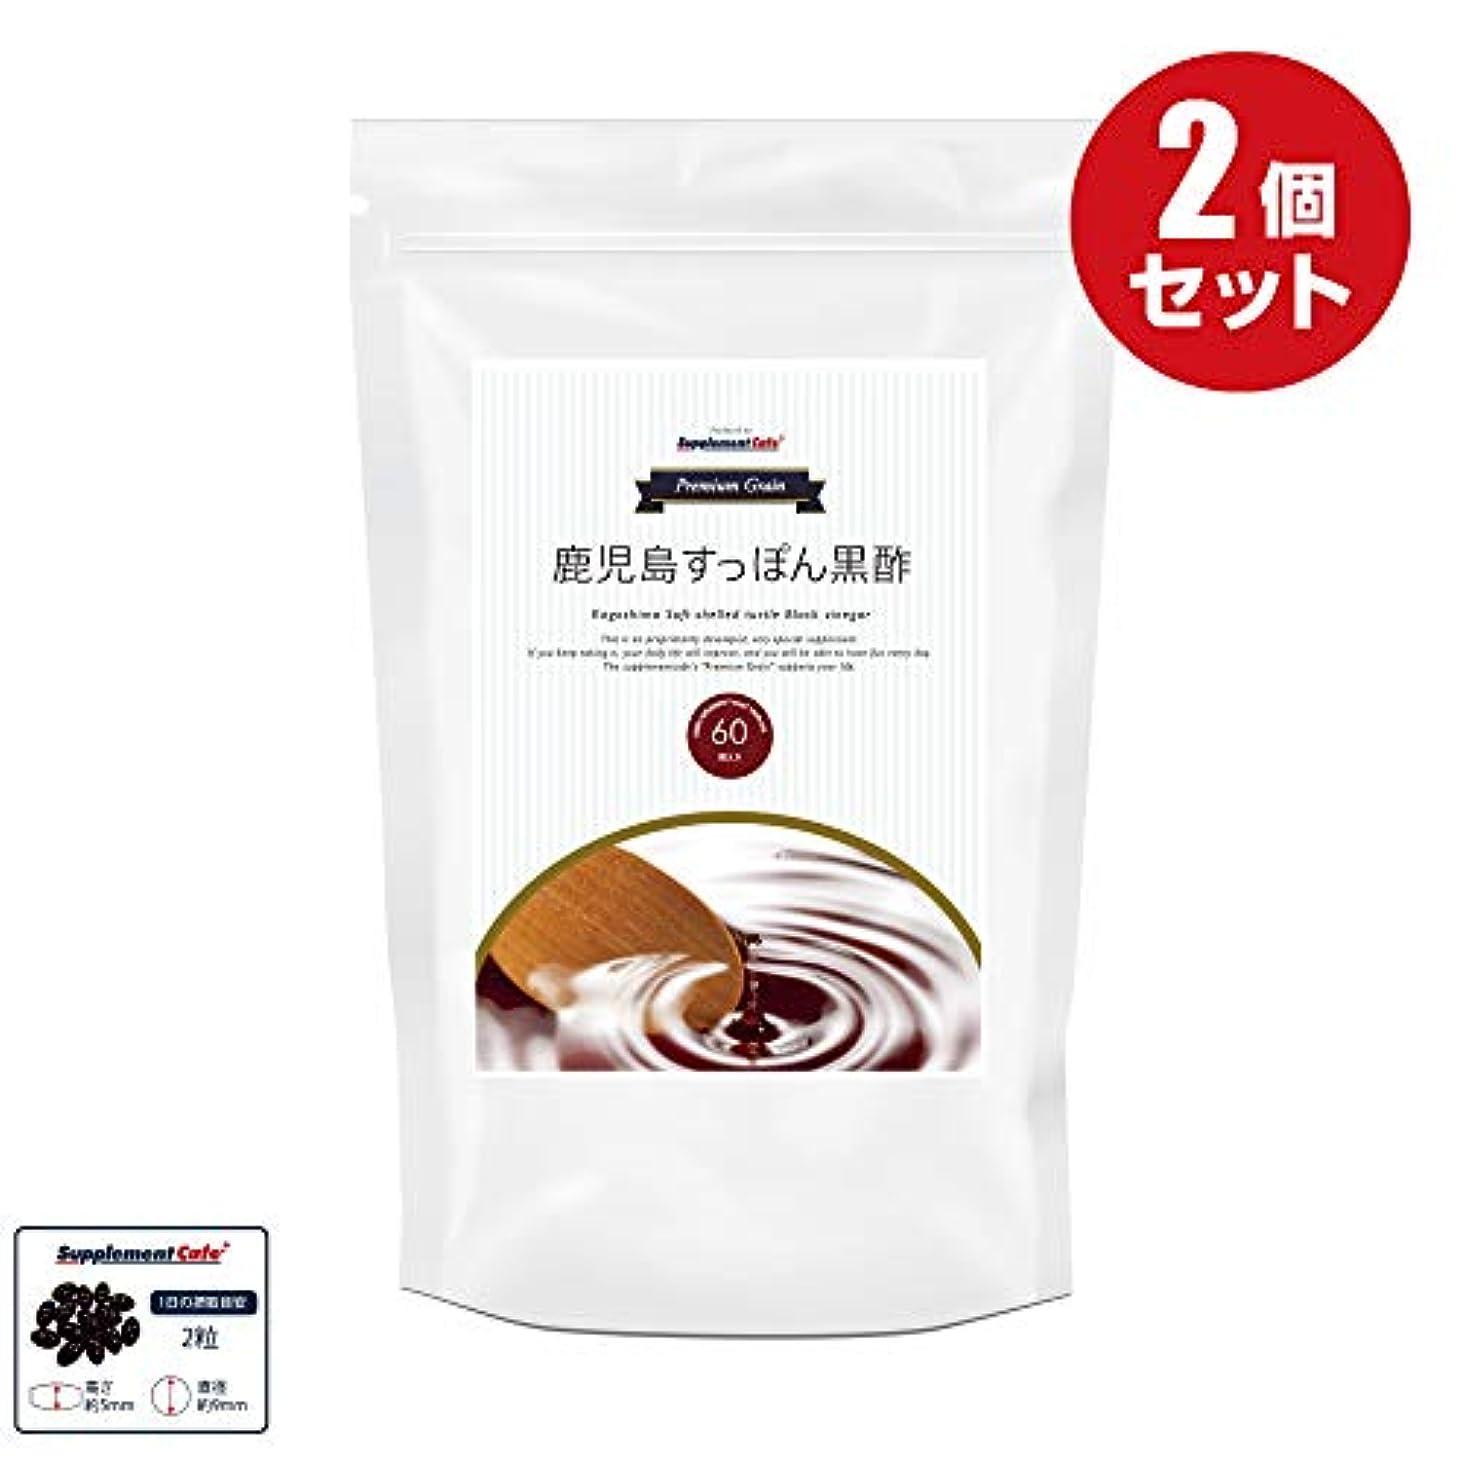 変な全員徴収【2袋セット】Premium Grain 鹿児島すっぽん黒酢/すっぽん黒酢/福山産  約60日分